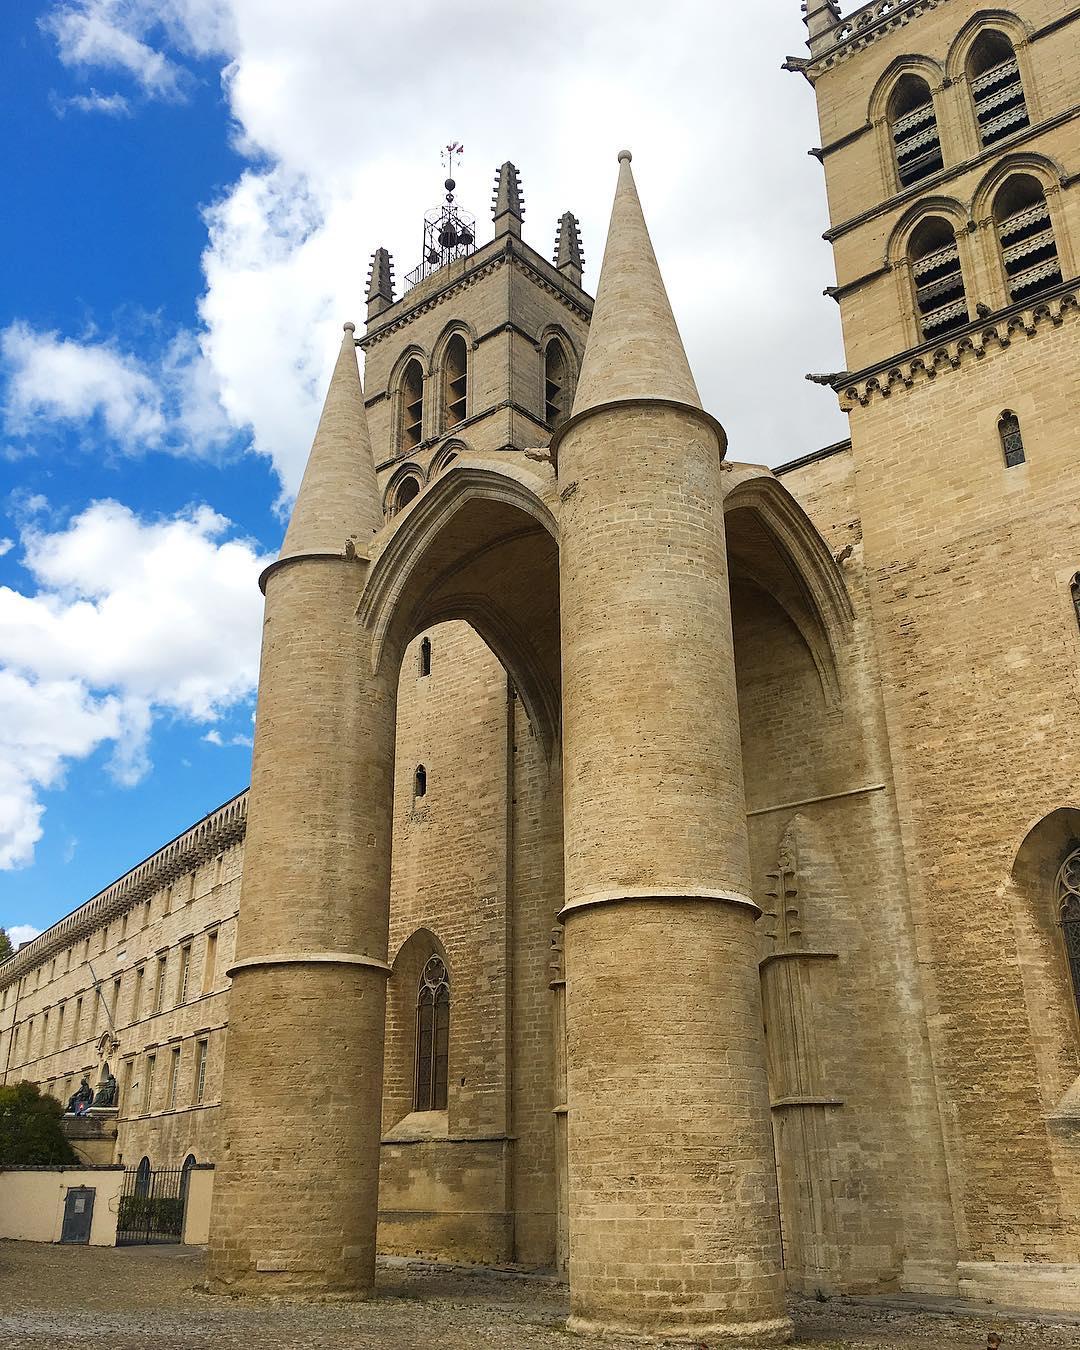 ✖️CATHÉDRALE SAINT PIERRE✖️ pour les #JEP @jepofficiel . ➕ Journées Européennes du Patrimoine 2017 . ? Montpellier(34)?? .  _______________ #jep2017 #jep17 #jepmontpellier #jepmtp #journeeseuropeennesdupatrimoine #patrimoine #culture #patrimoine  #montpellier #pintademontpellier #blogtrip #travel #travelblog #travelblogger #citytripmontpellier #travelphotography #jeunesse #jeunesseetpatrimoine #ConcoursJEP